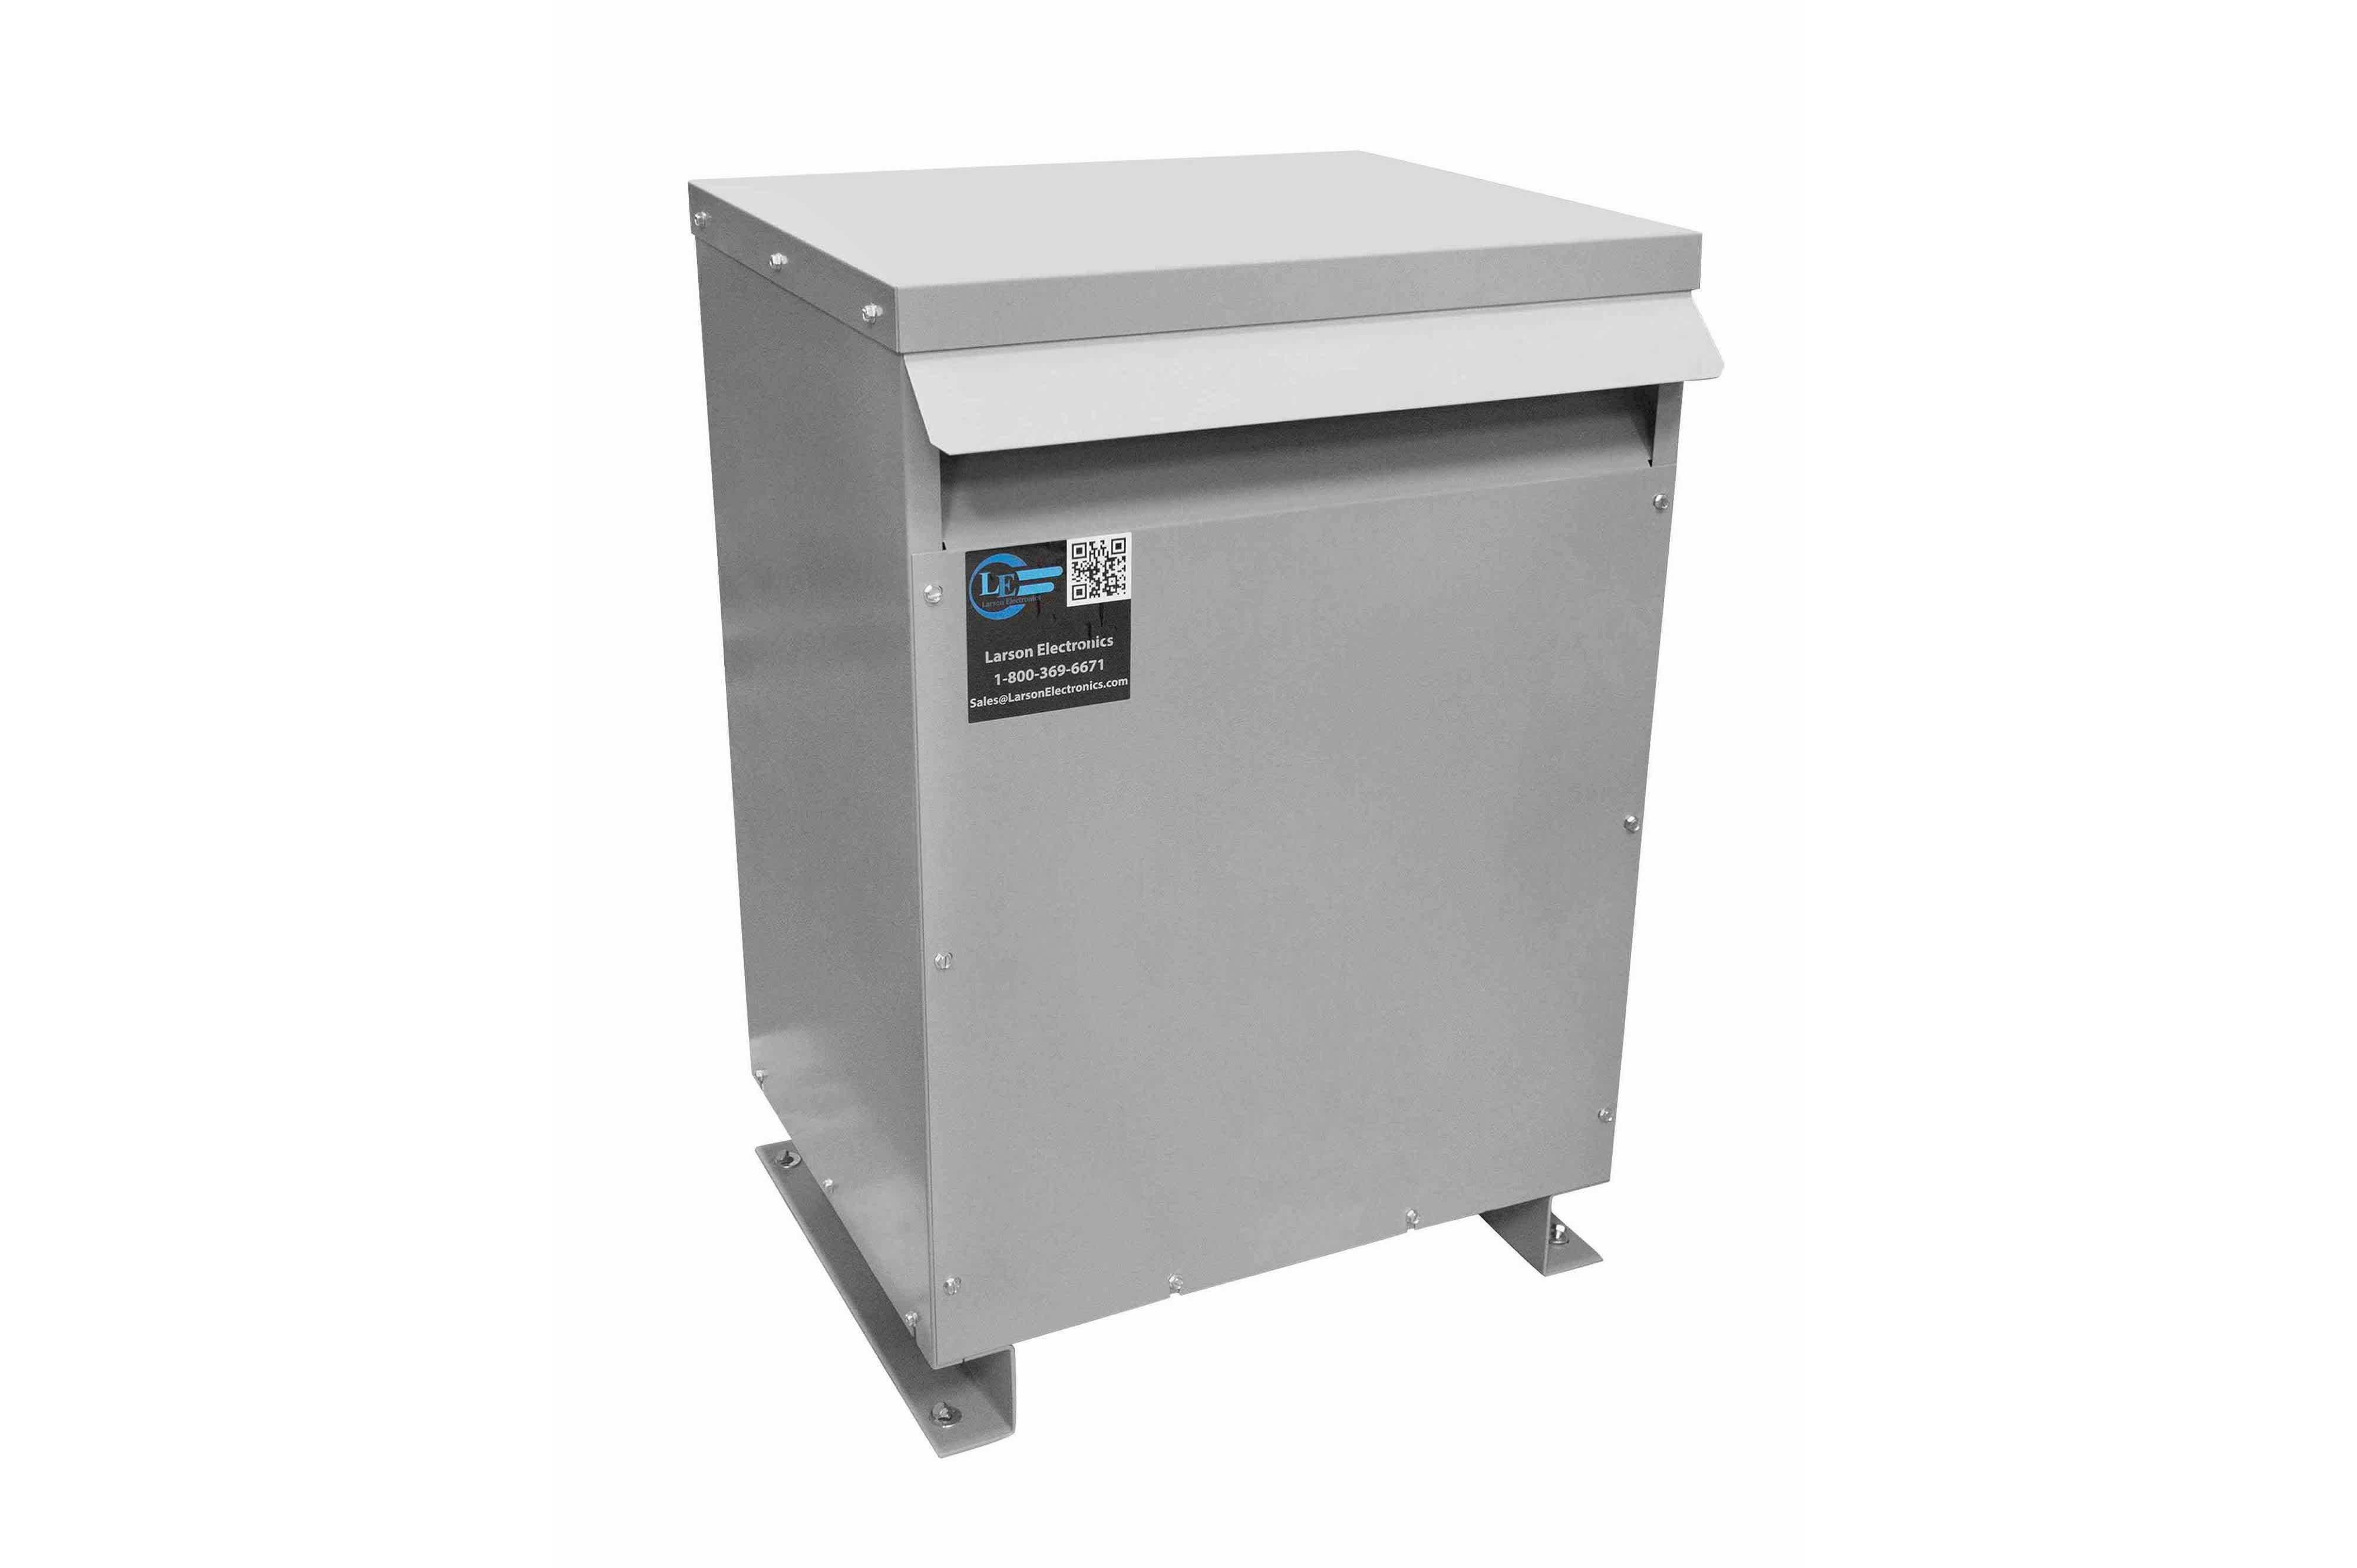 250 kVA 3PH Isolation Transformer, 400V Delta Primary, 240 Delta Secondary, N3R, Ventilated, 60 Hz